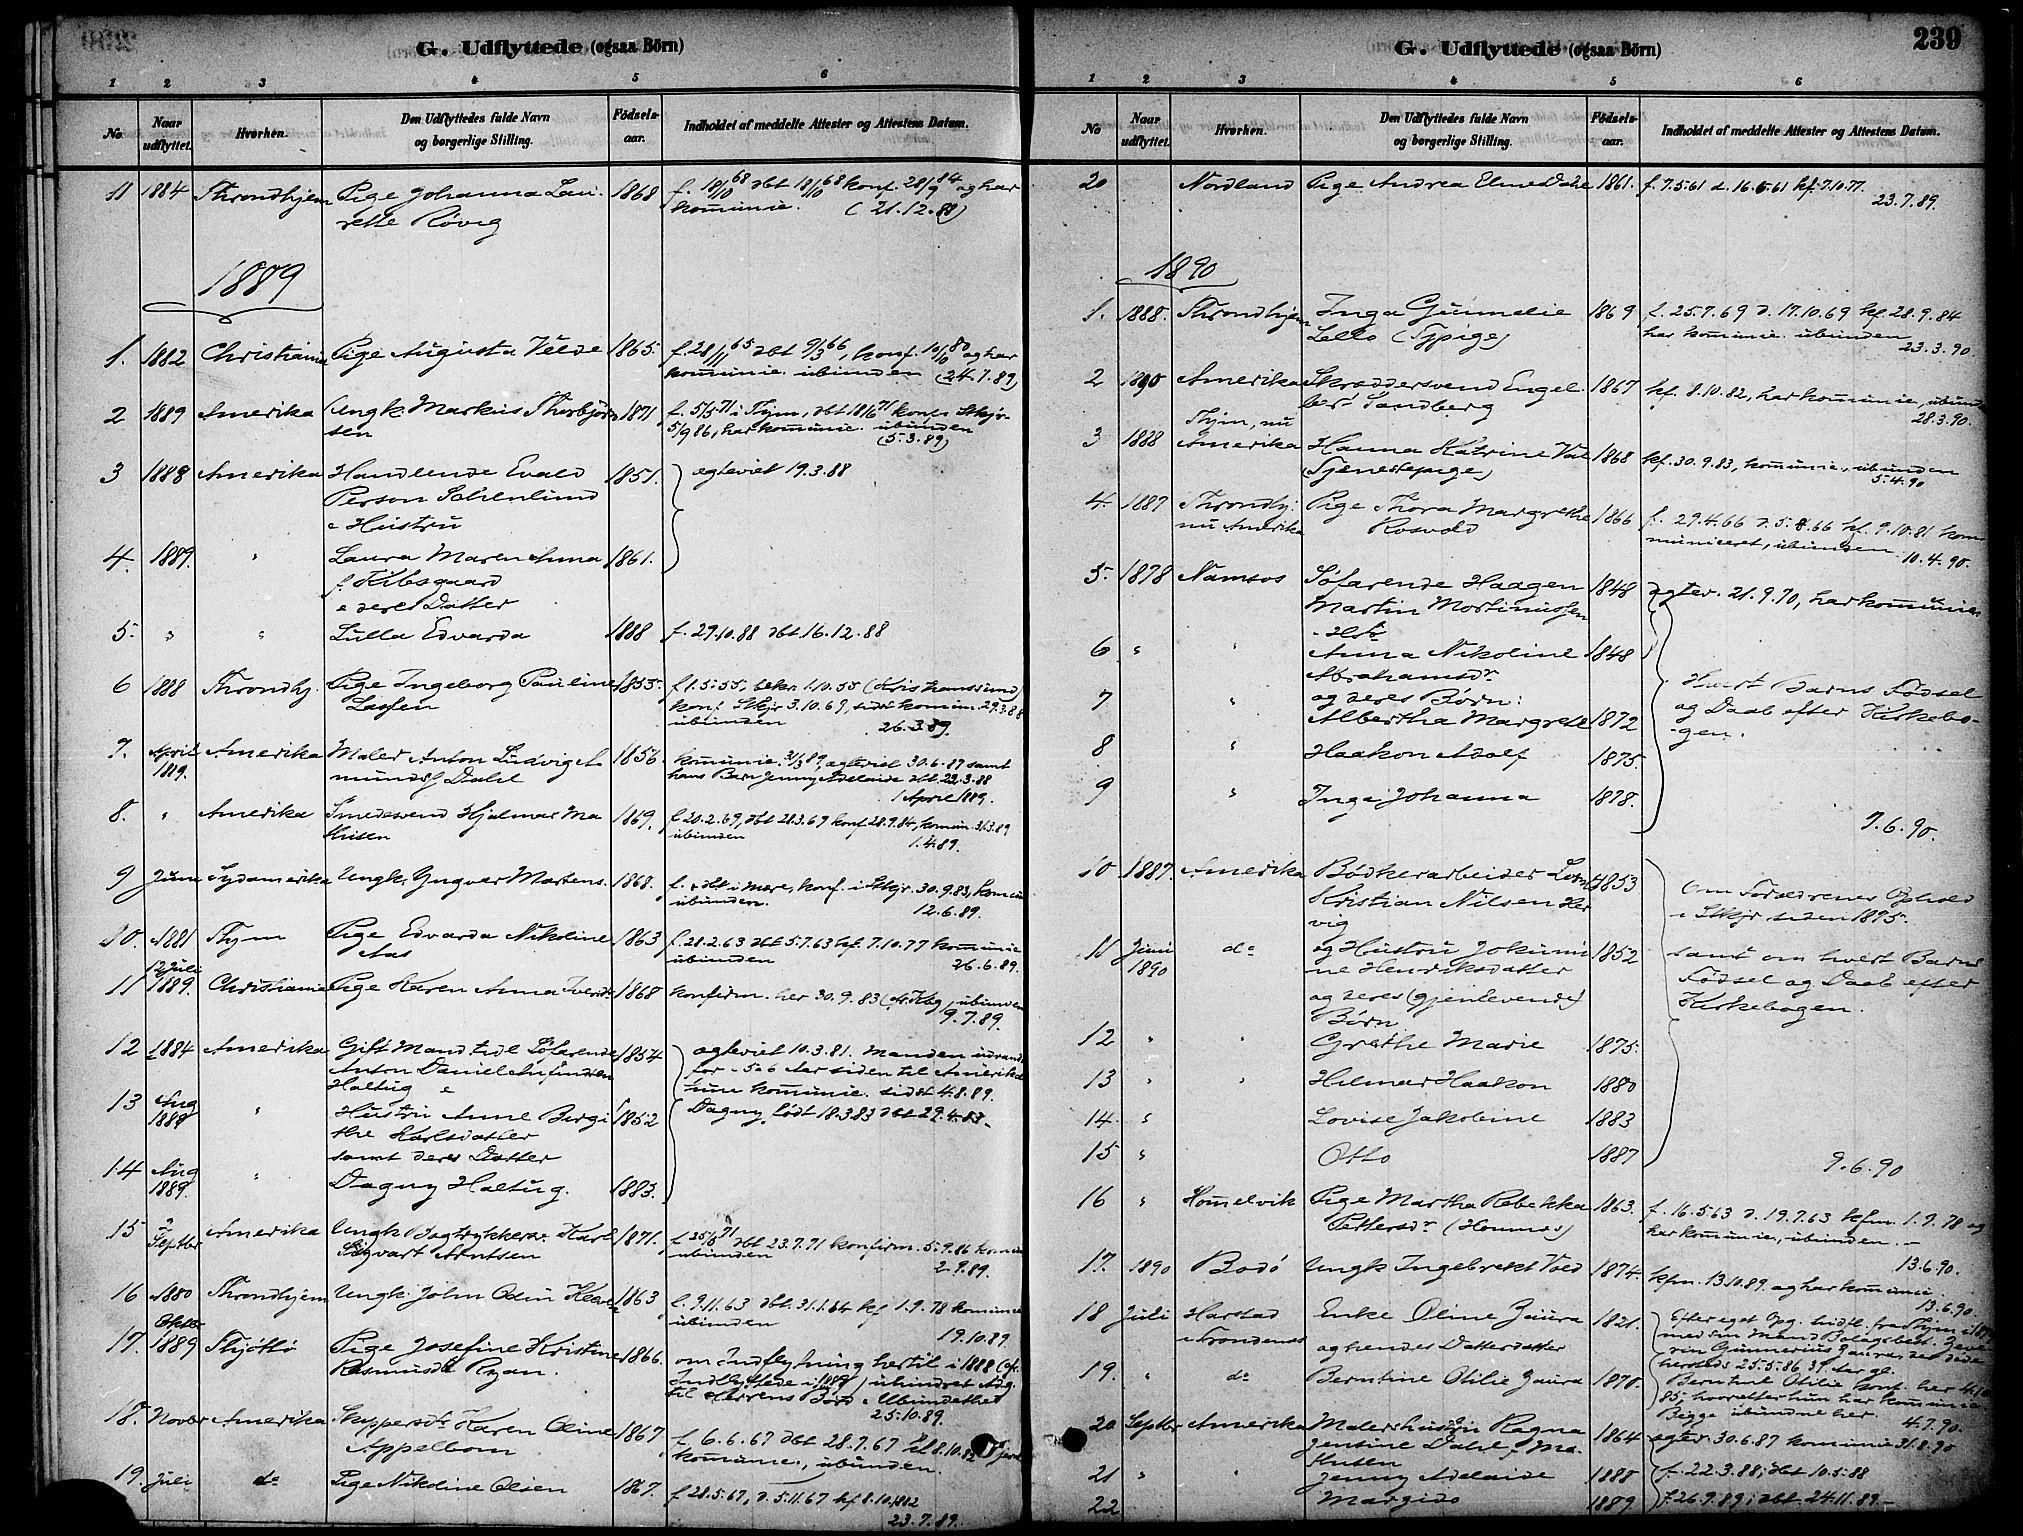 SAT, Ministerialprotokoller, klokkerbøker og fødselsregistre - Nord-Trøndelag, 739/L0371: Ministerialbok nr. 739A03, 1881-1895, s. 239